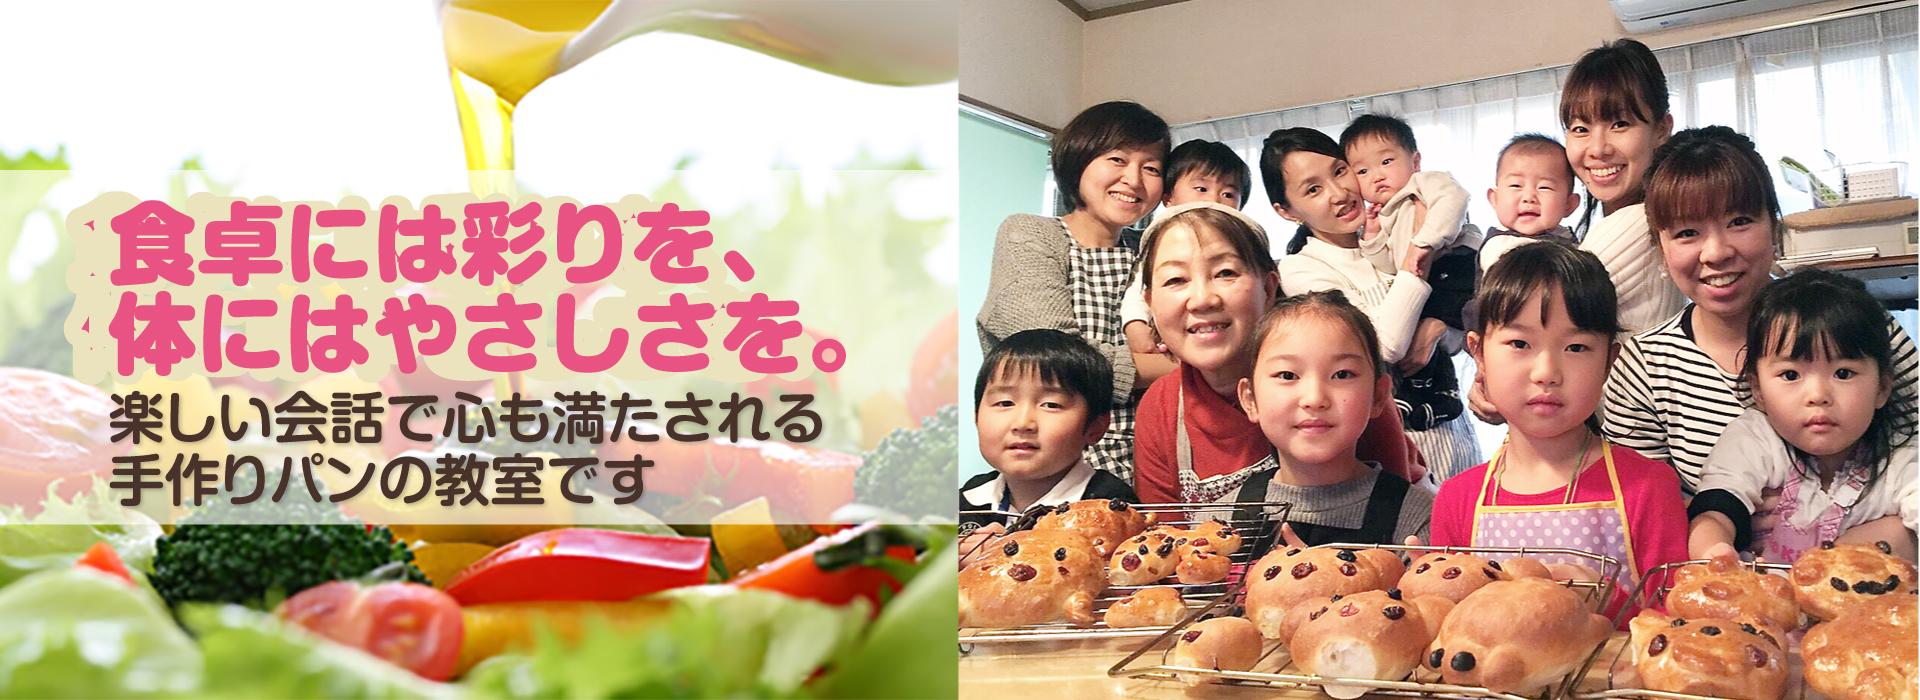 パン教室 東京国立-天然酵母で作る土屋パン教室